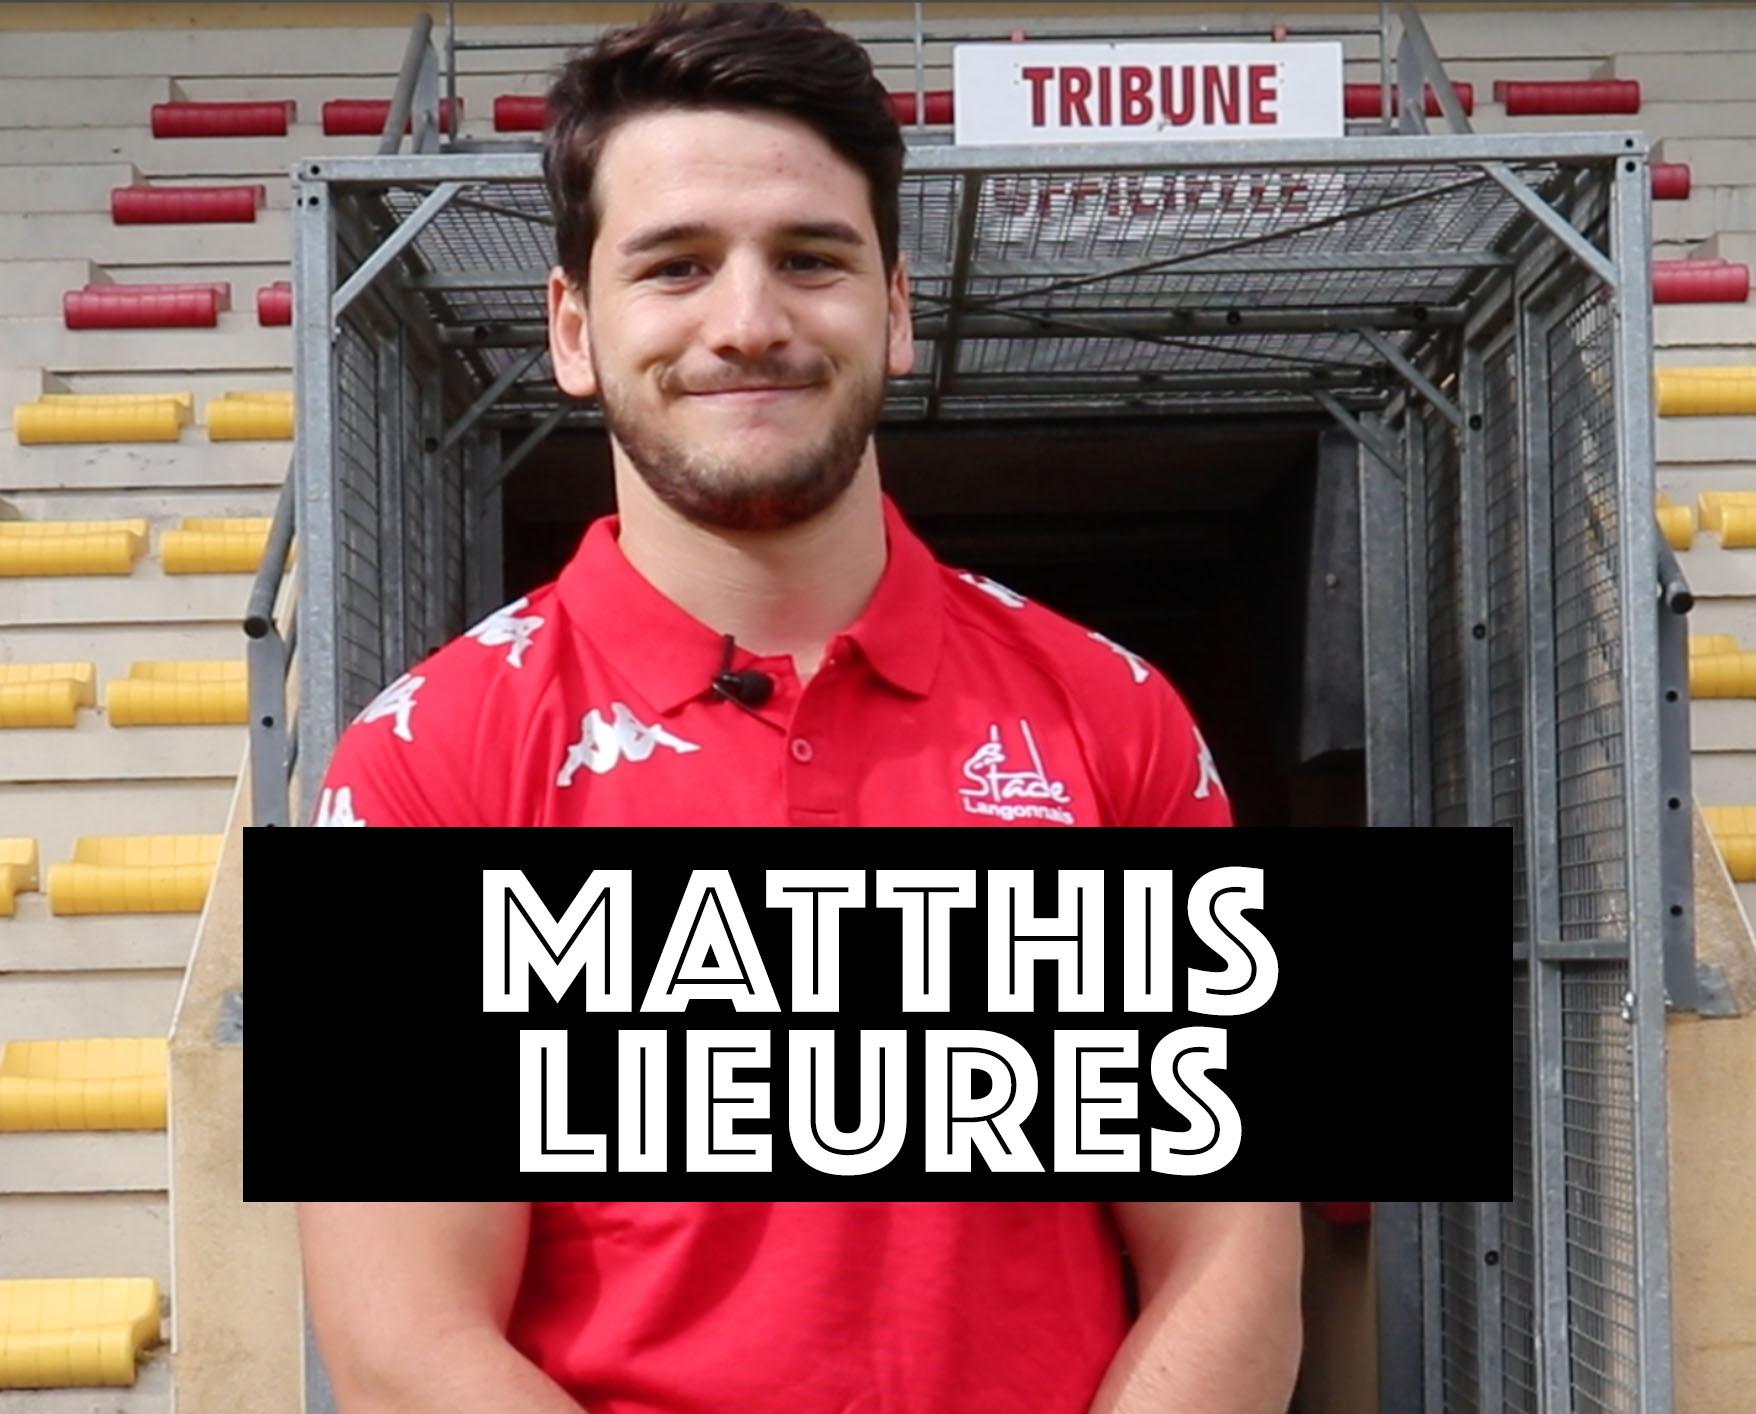 Matthis Lieurès ou un autre stadiste Toulousain à Langon